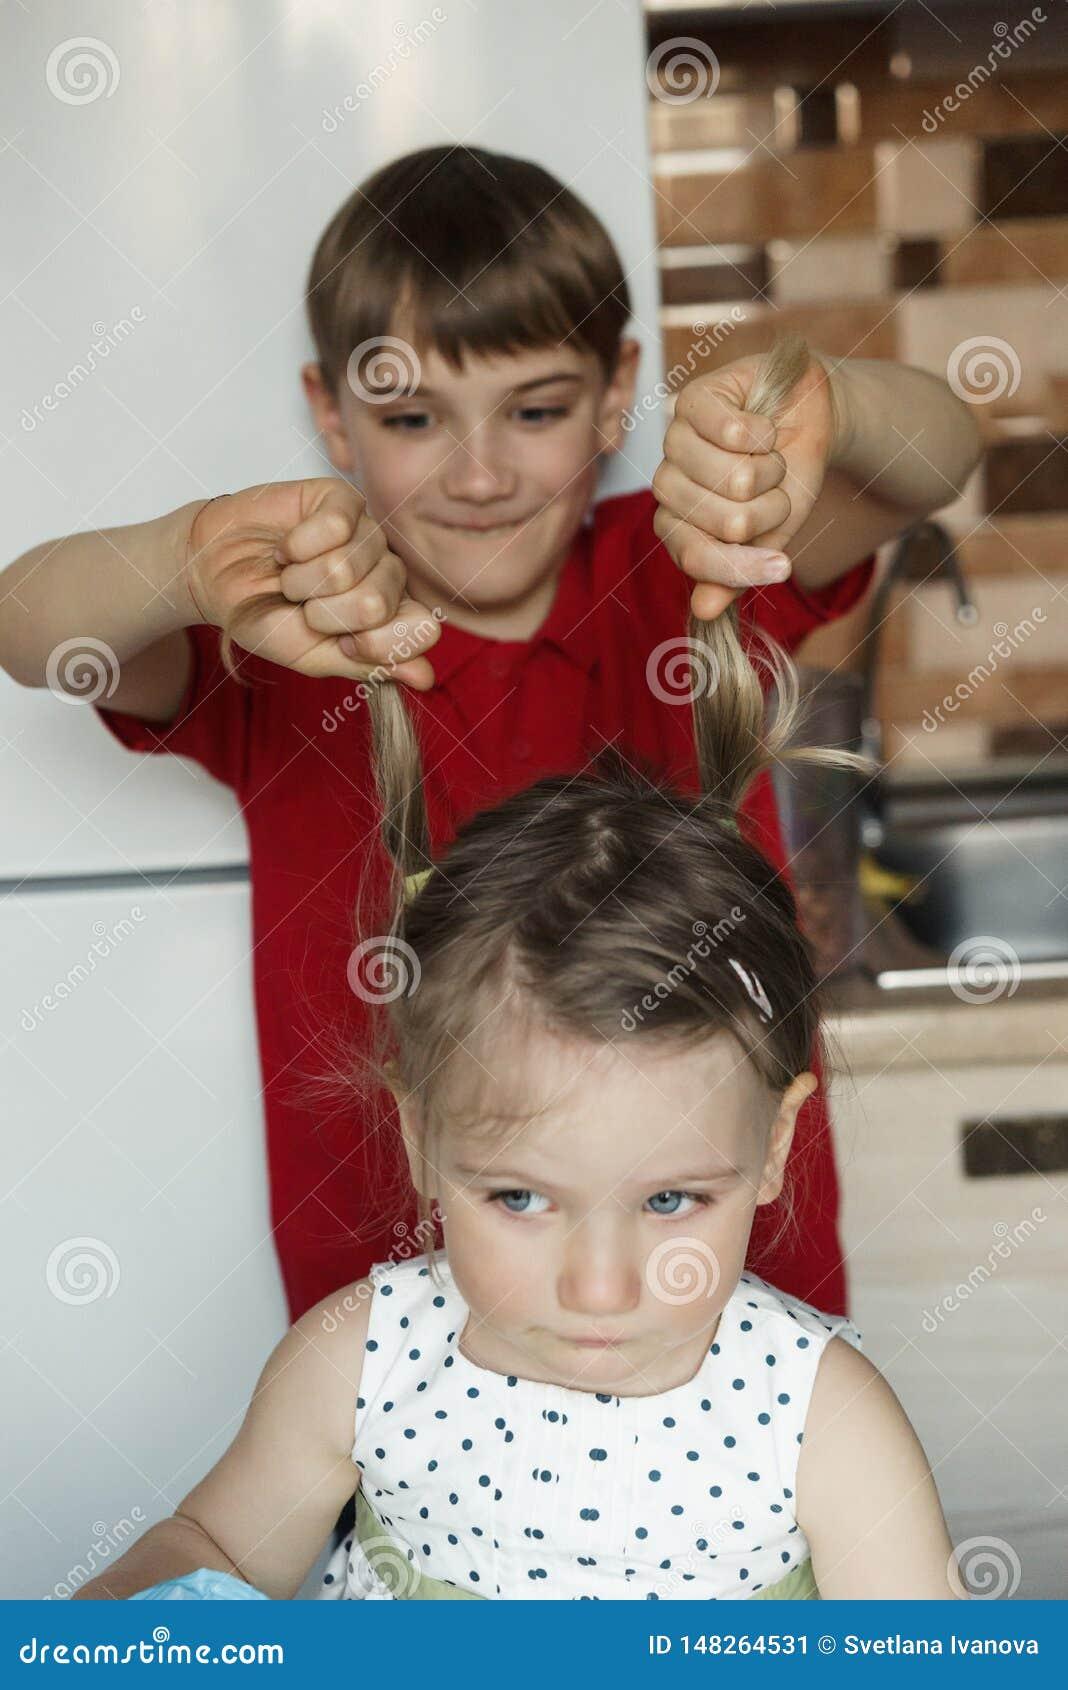 Le frère et la soeur dans la cuisine et le garçon tire la fille par les queues